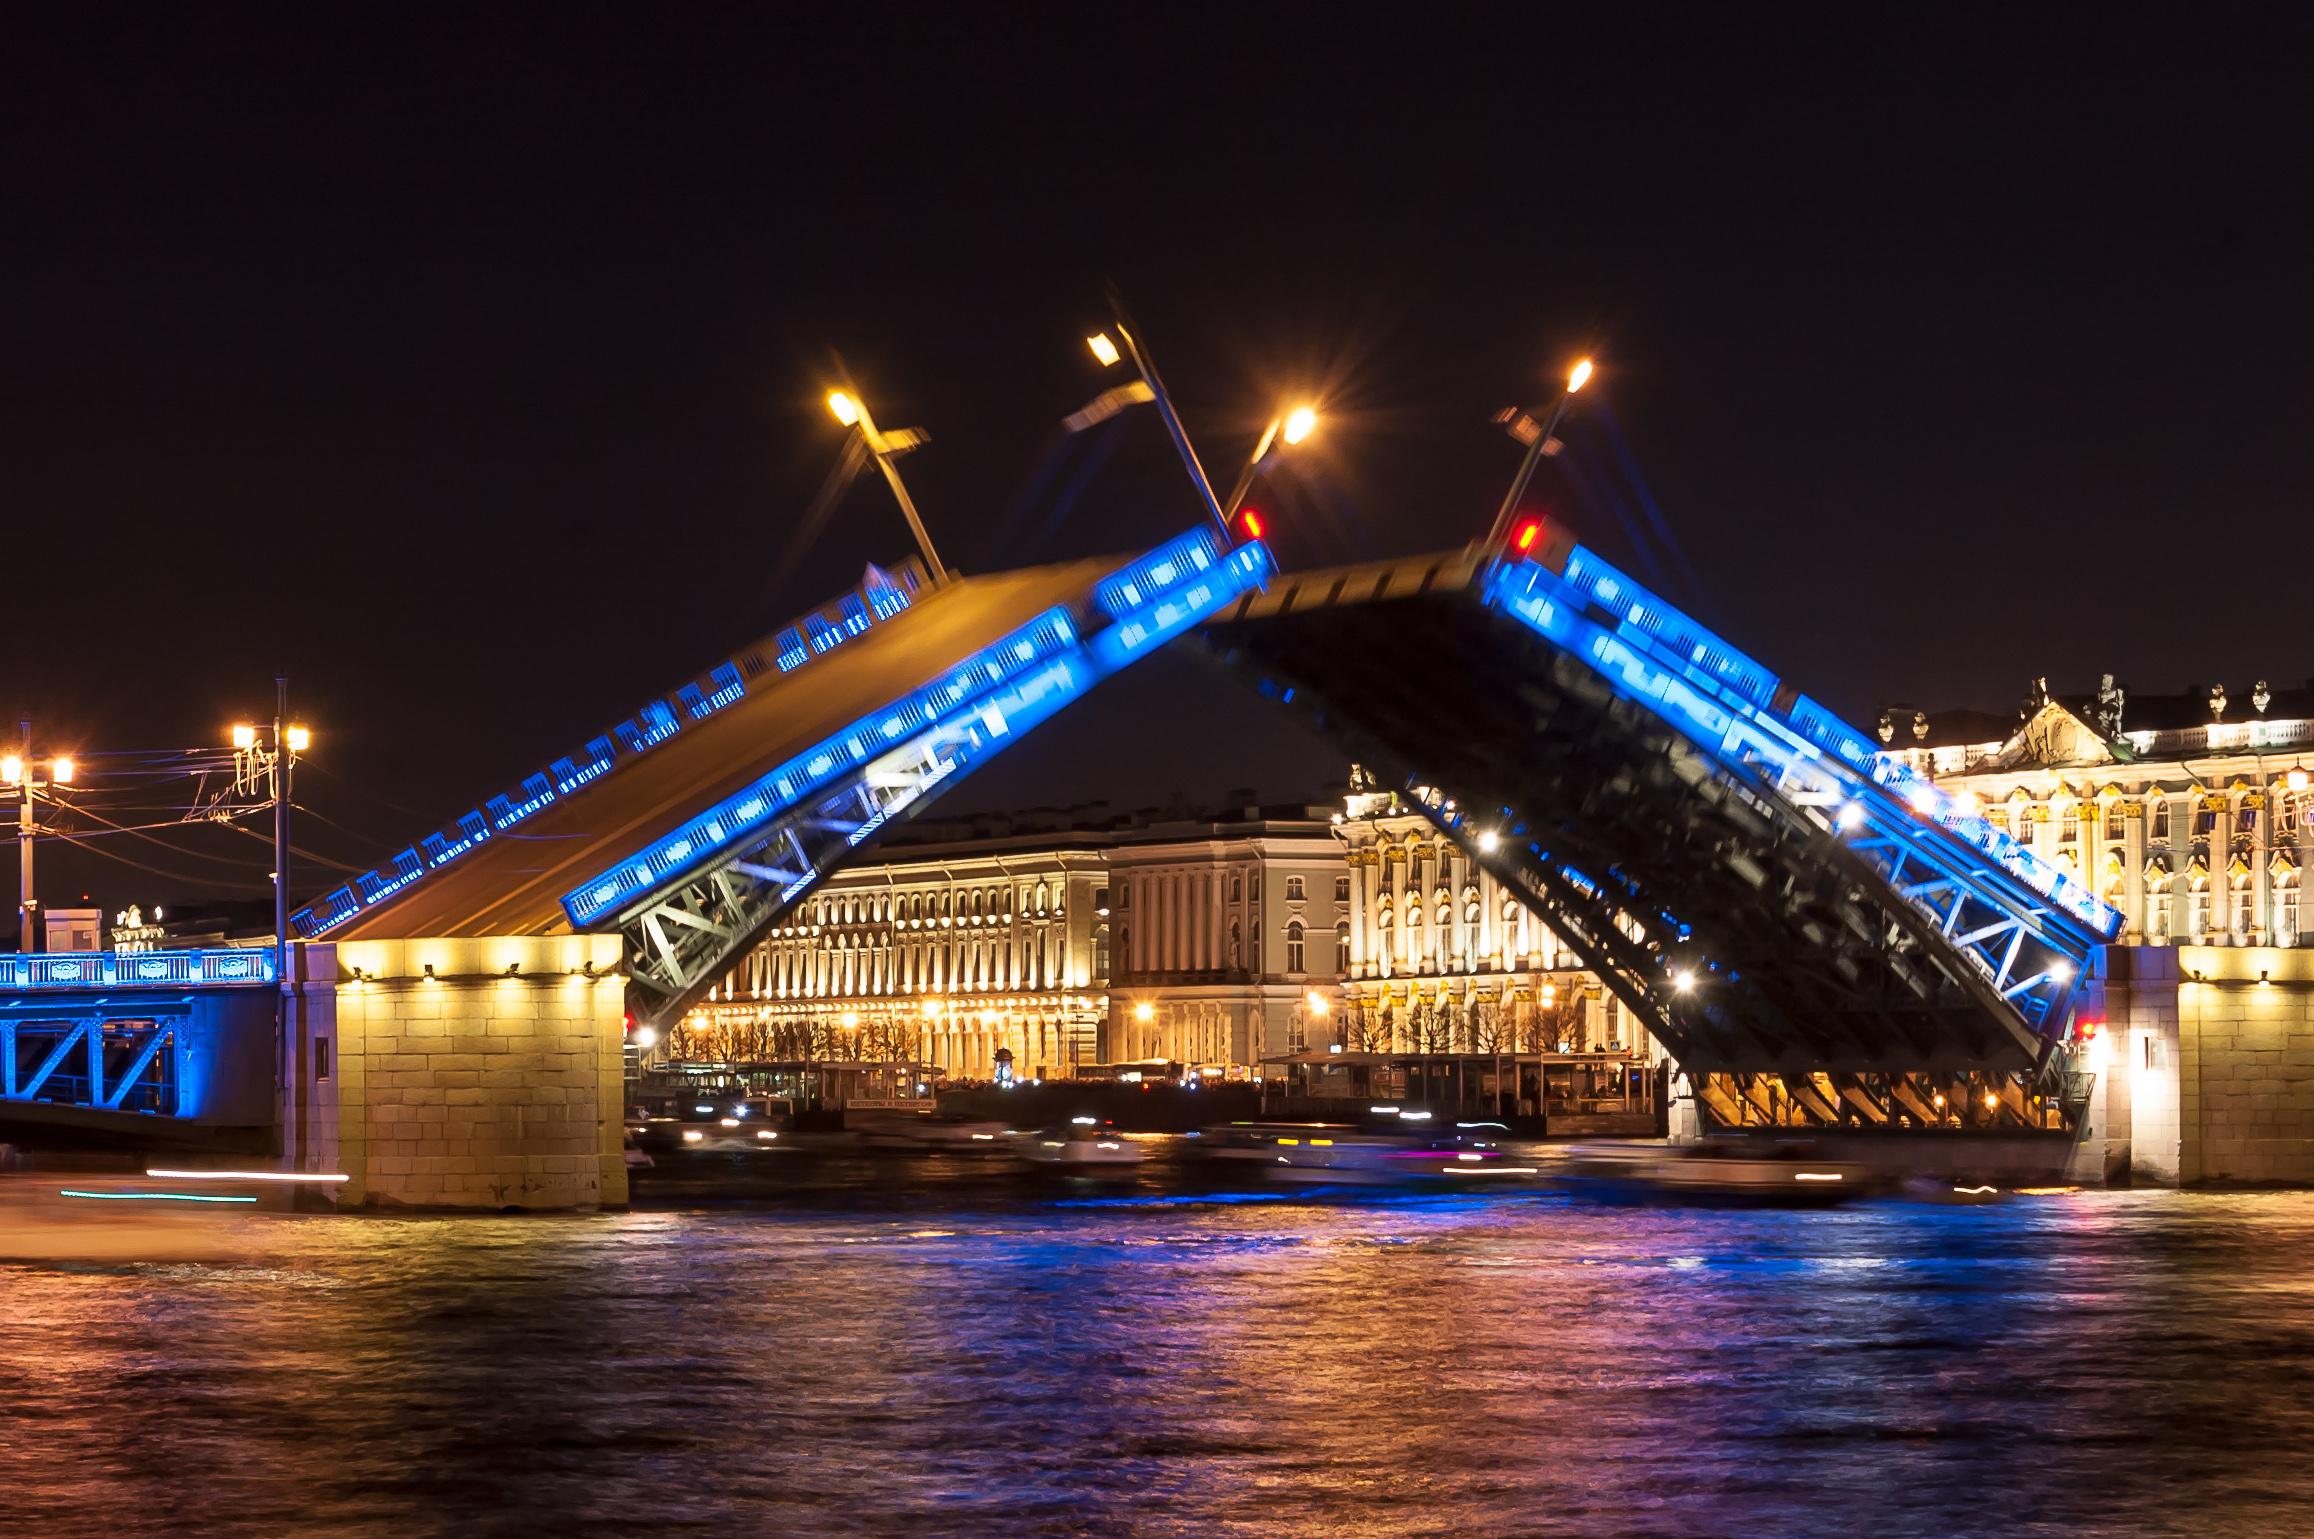 поездов: оазвод мост санк петербург форма общественного